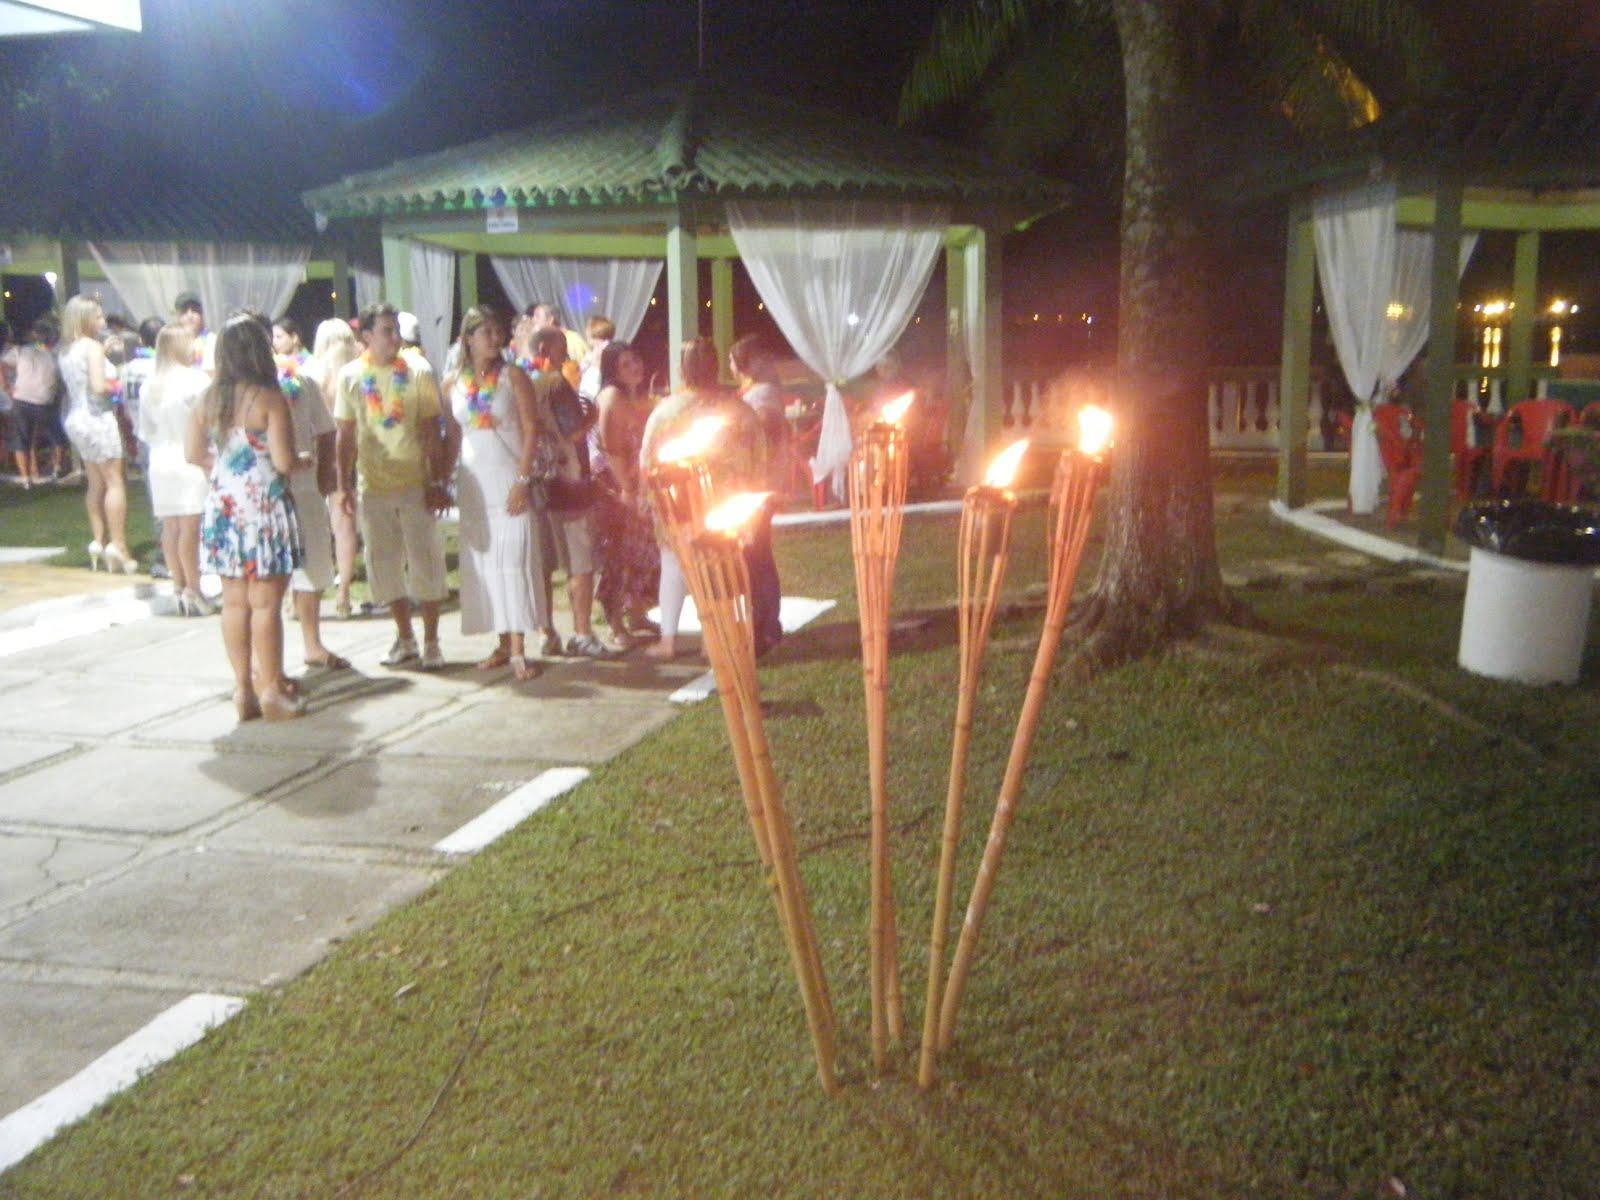 Festa tropical a noite com tochas